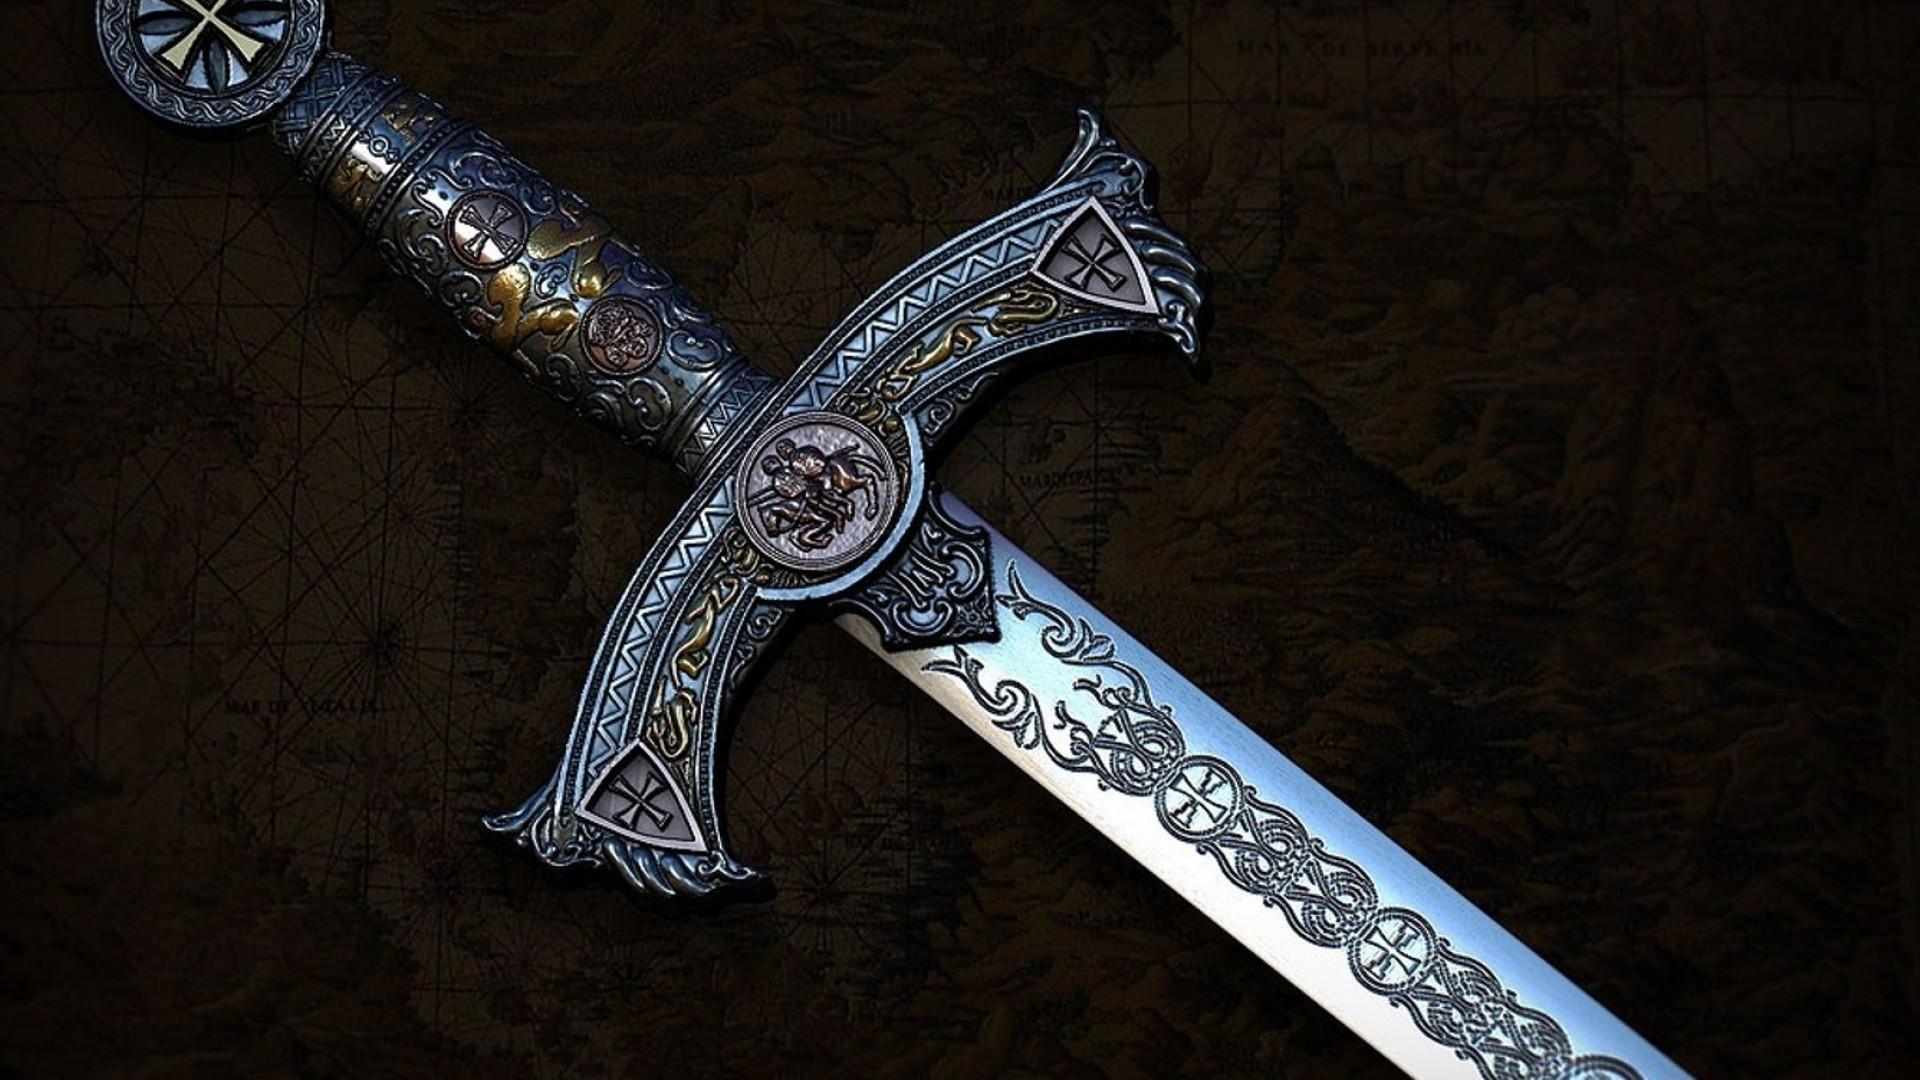 Cool Swords 1920x1080